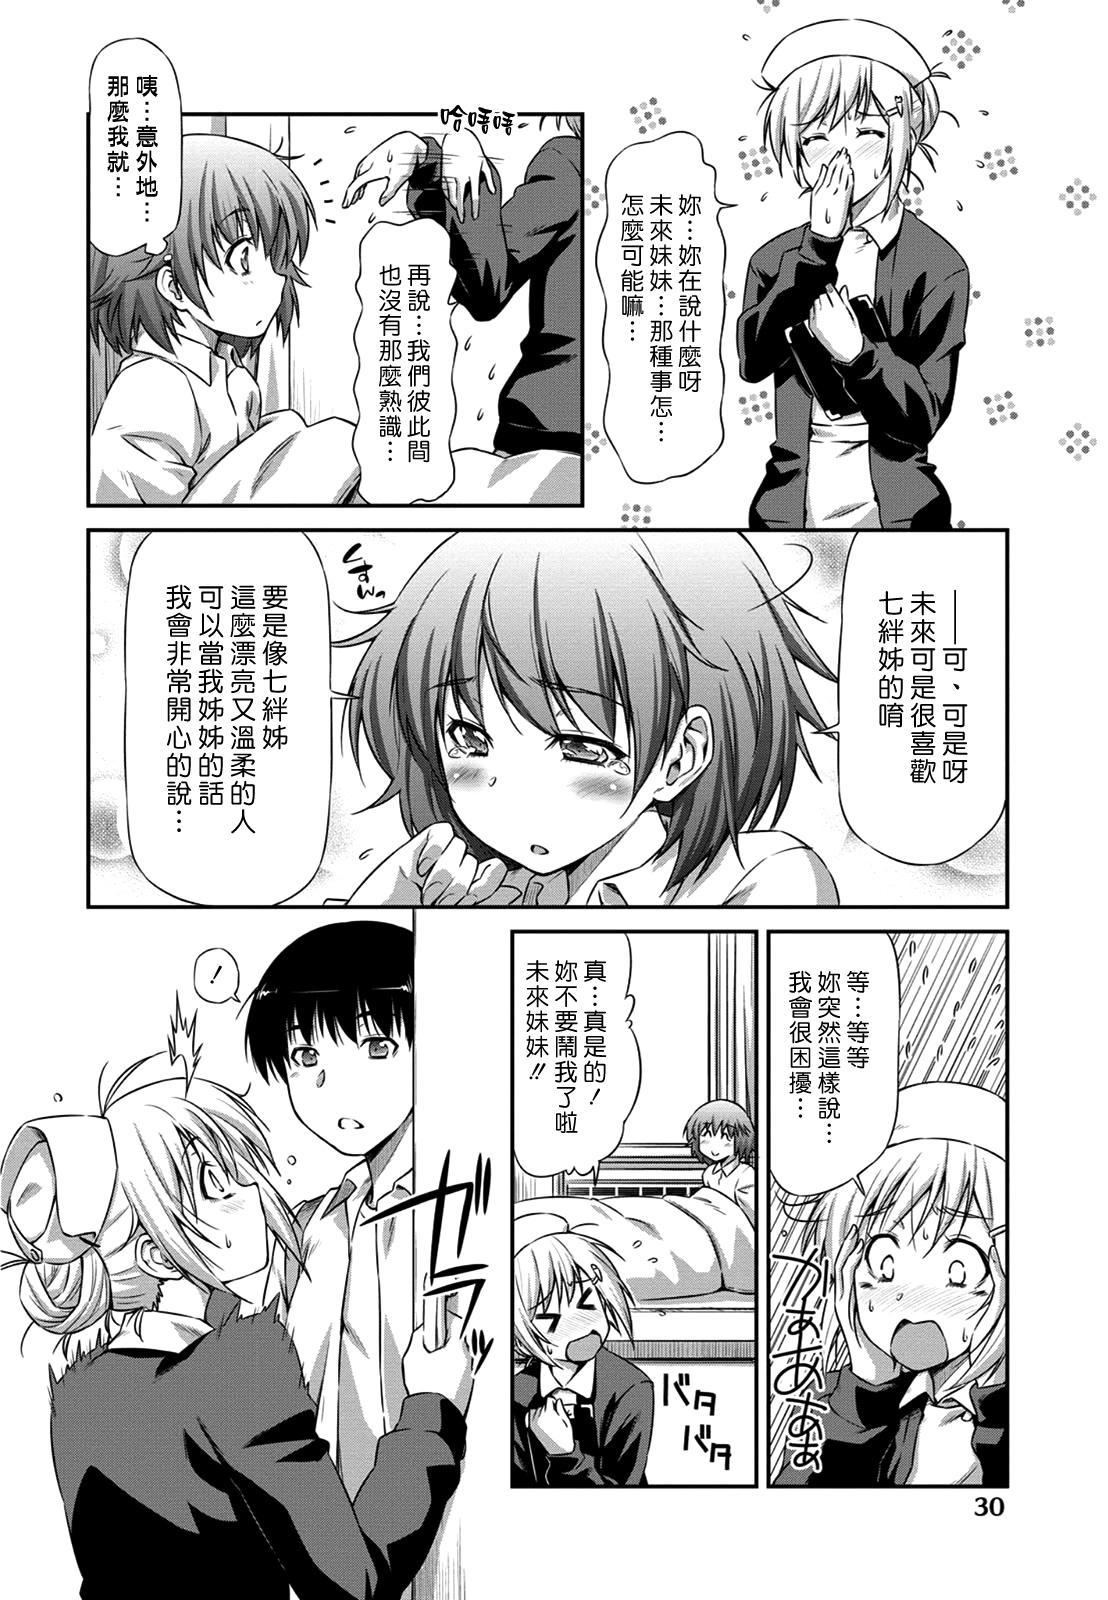 Giyaku no Shohousen 5